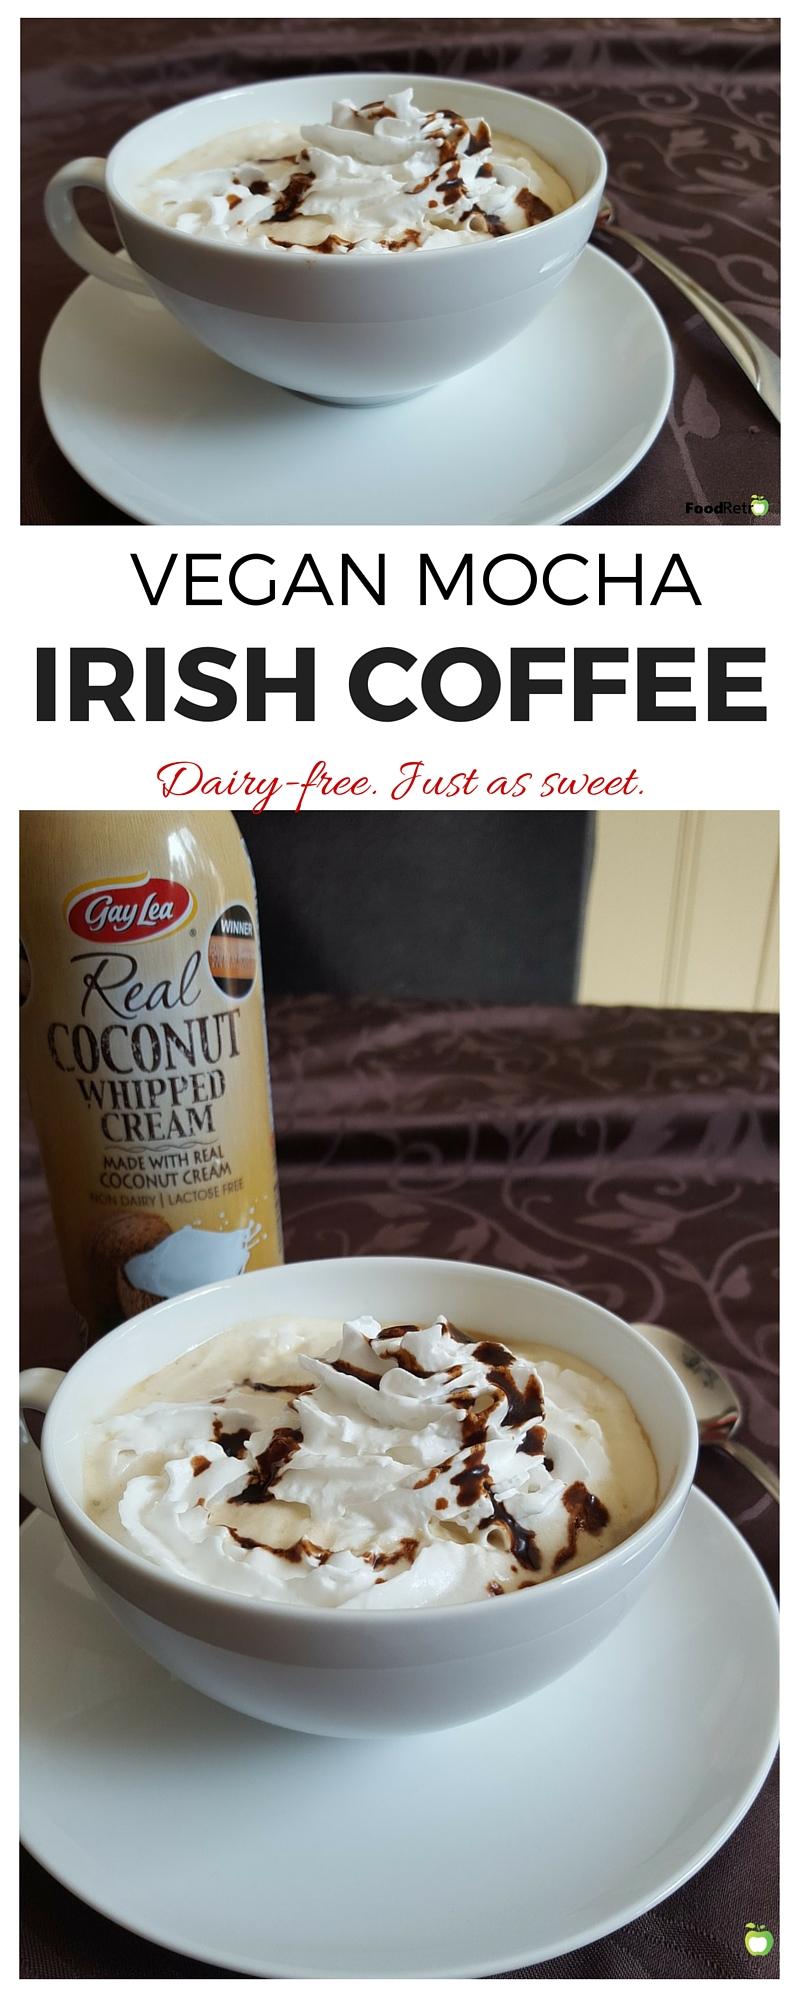 Vegan Mocha Irish Coffee